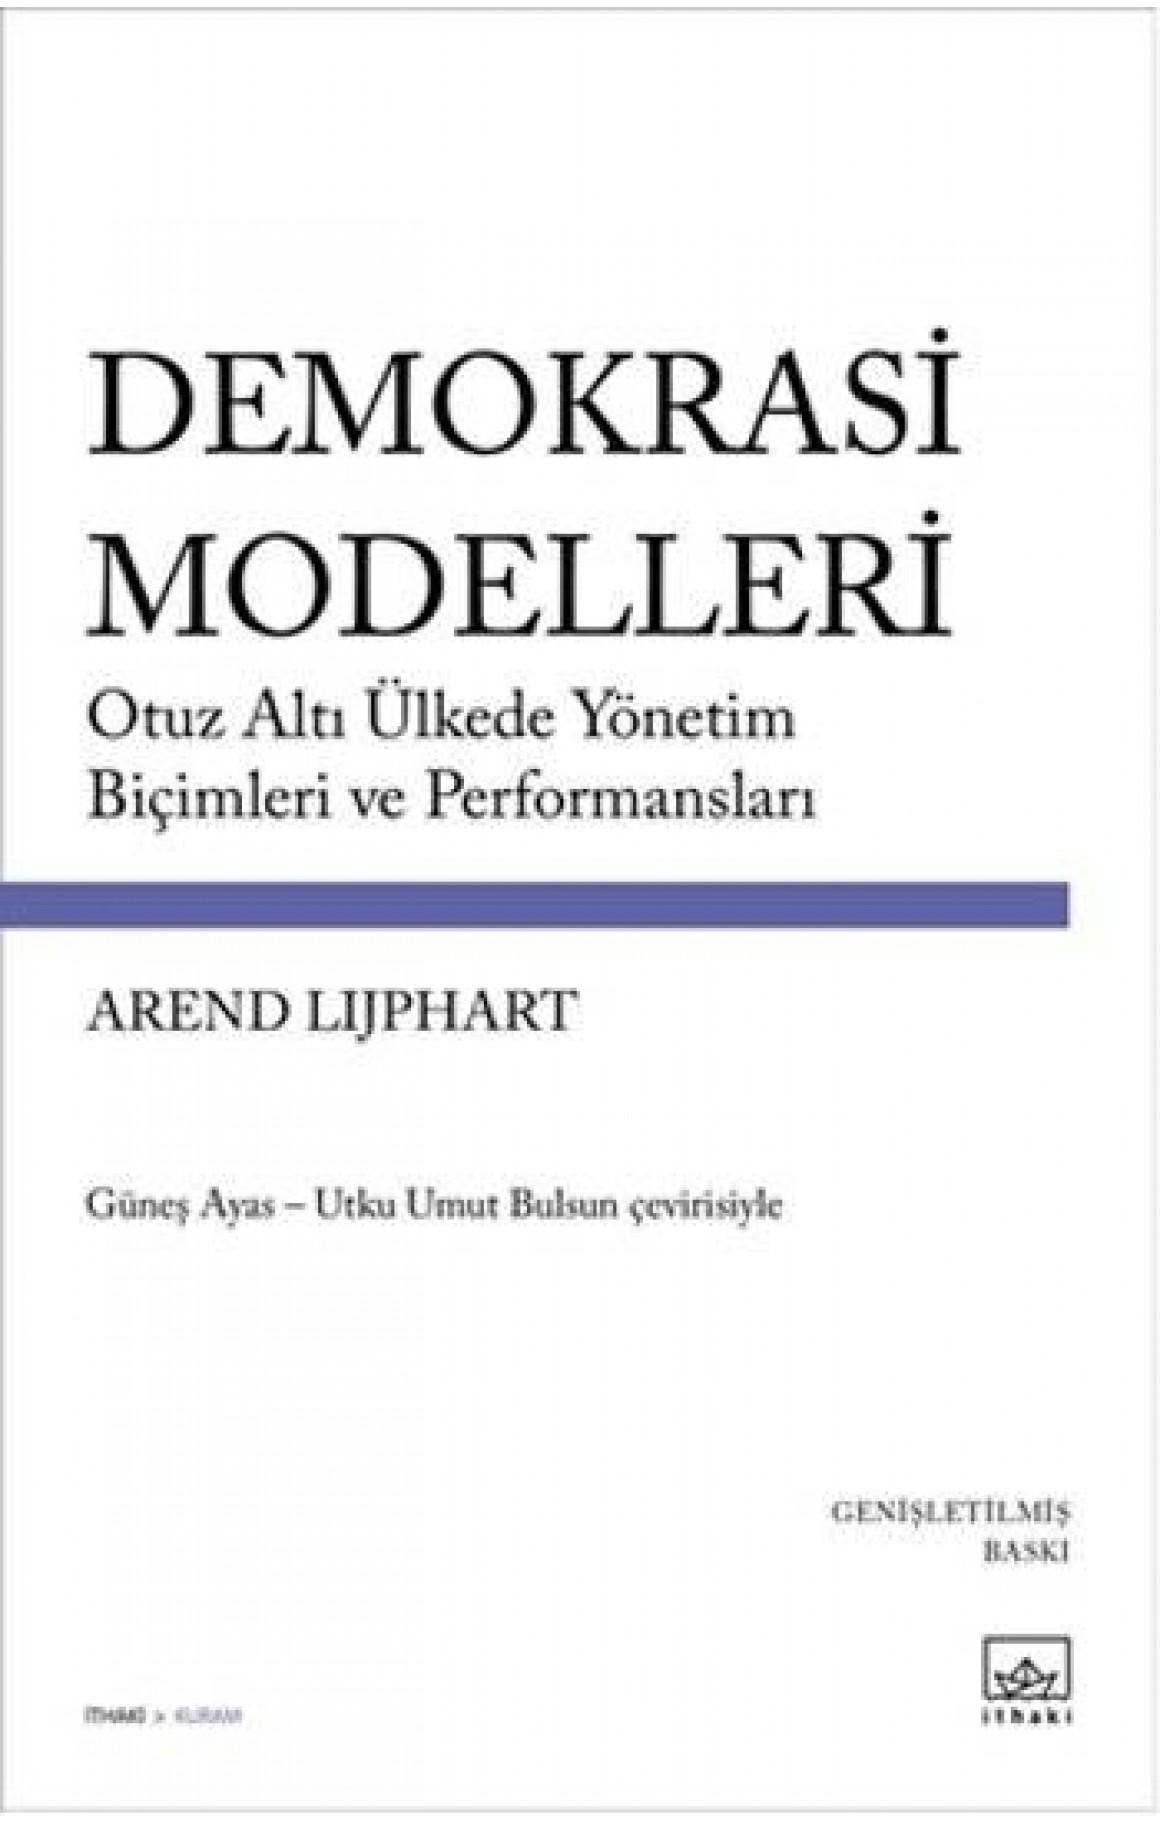 Demokrasi Modelleri